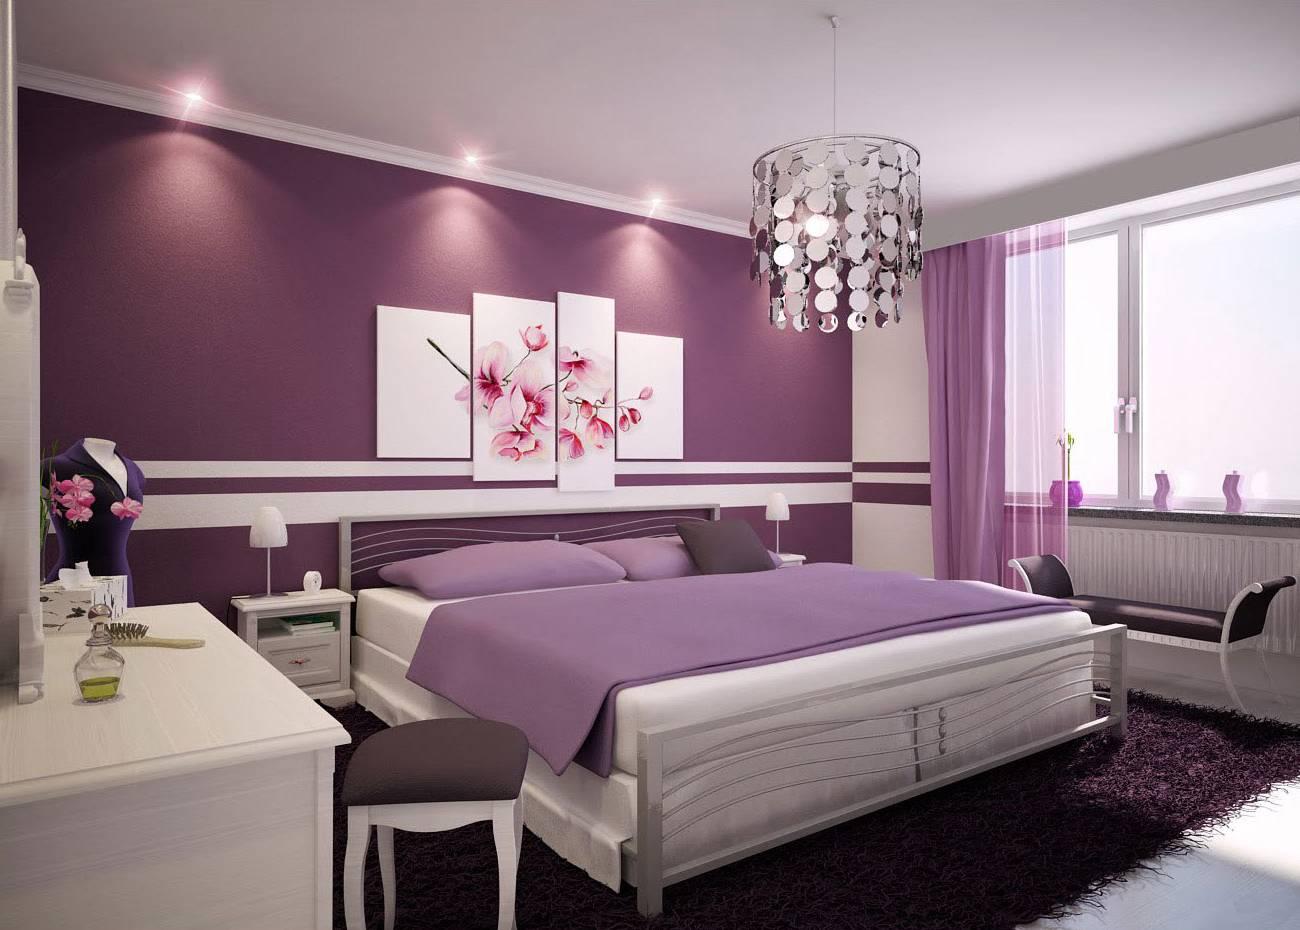 интерьер спальни фото в современном стиле Комната с черными акцентами